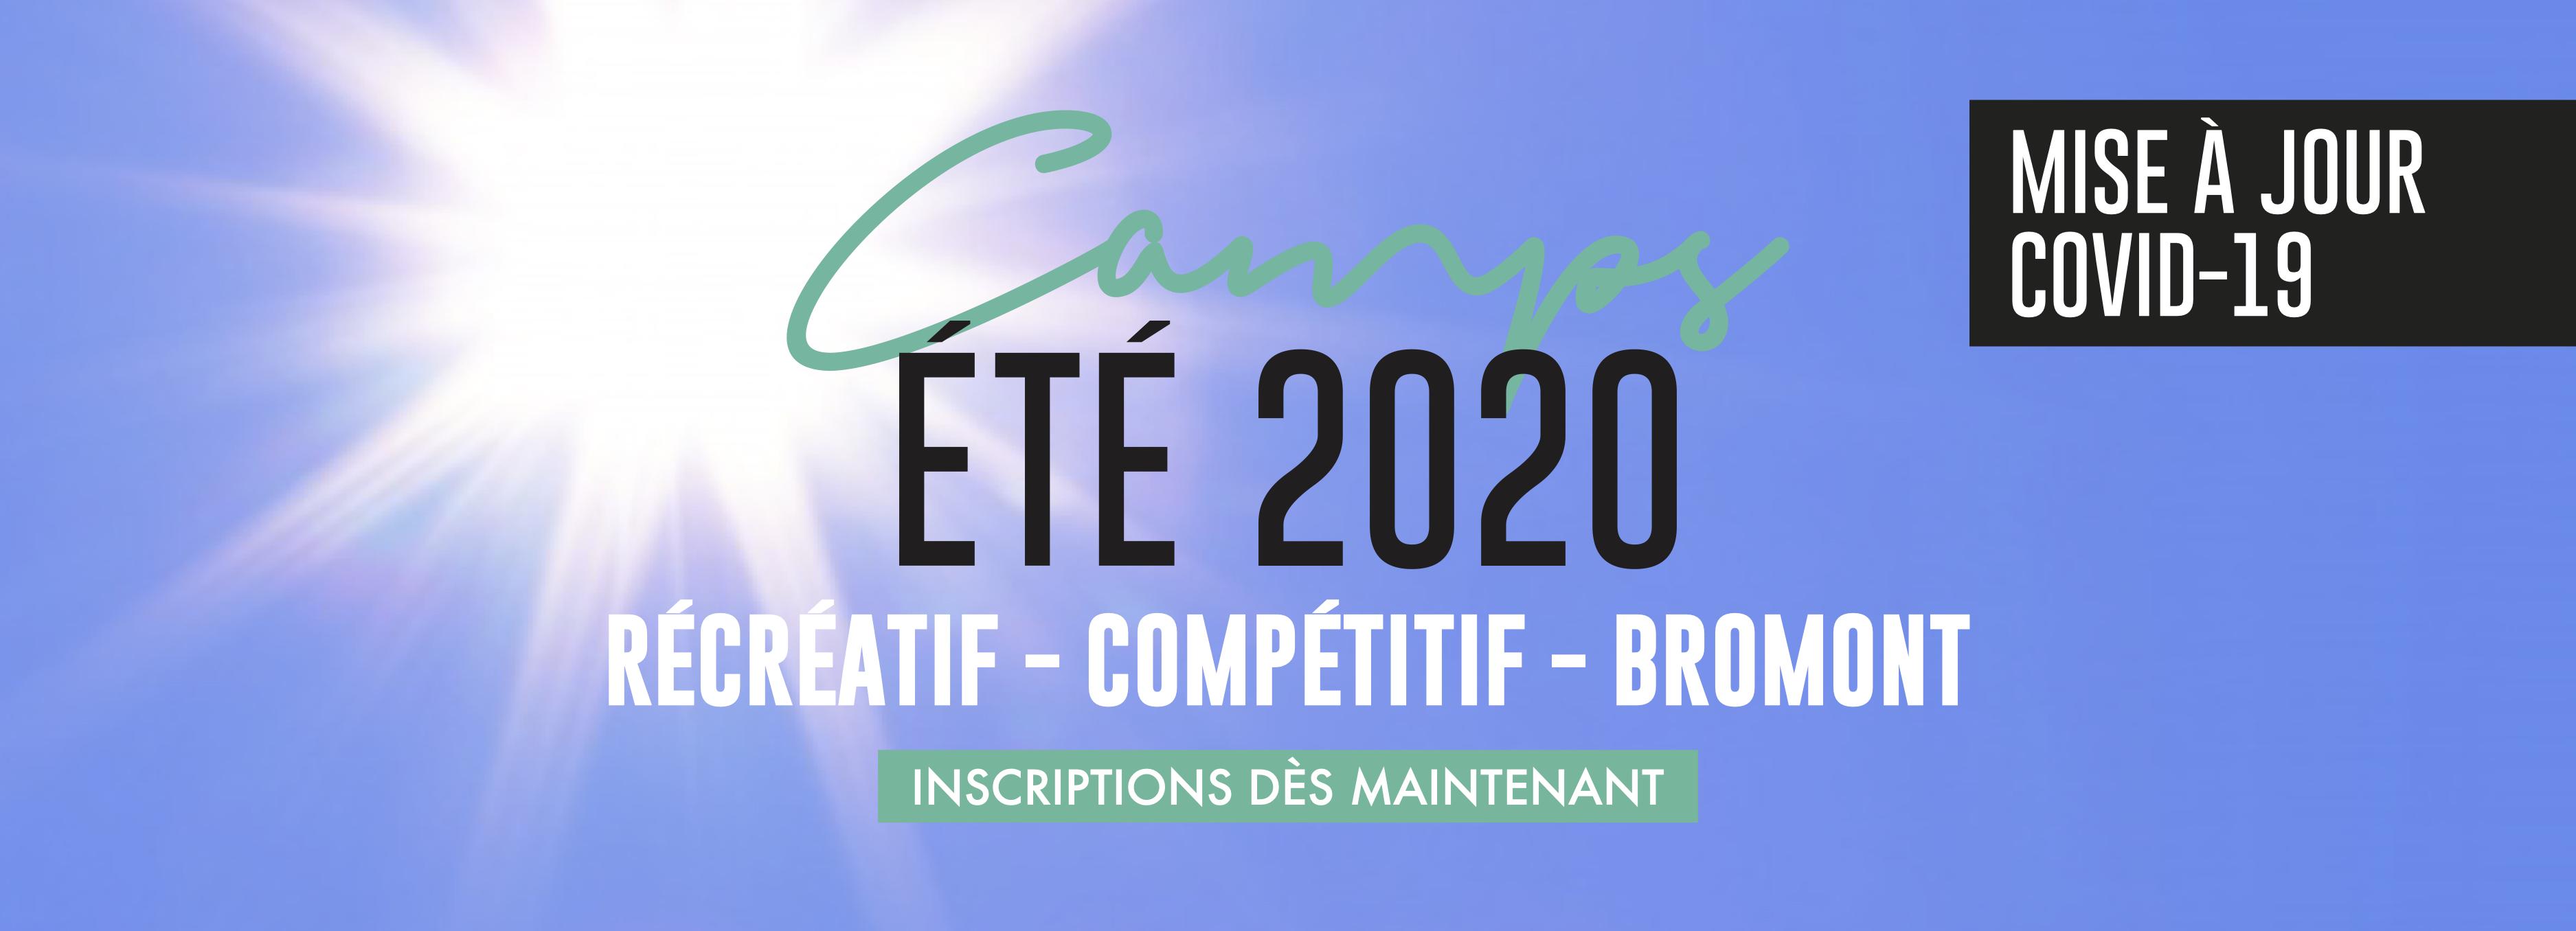 Relâche-ÉTÉ-2020-HORcovid19